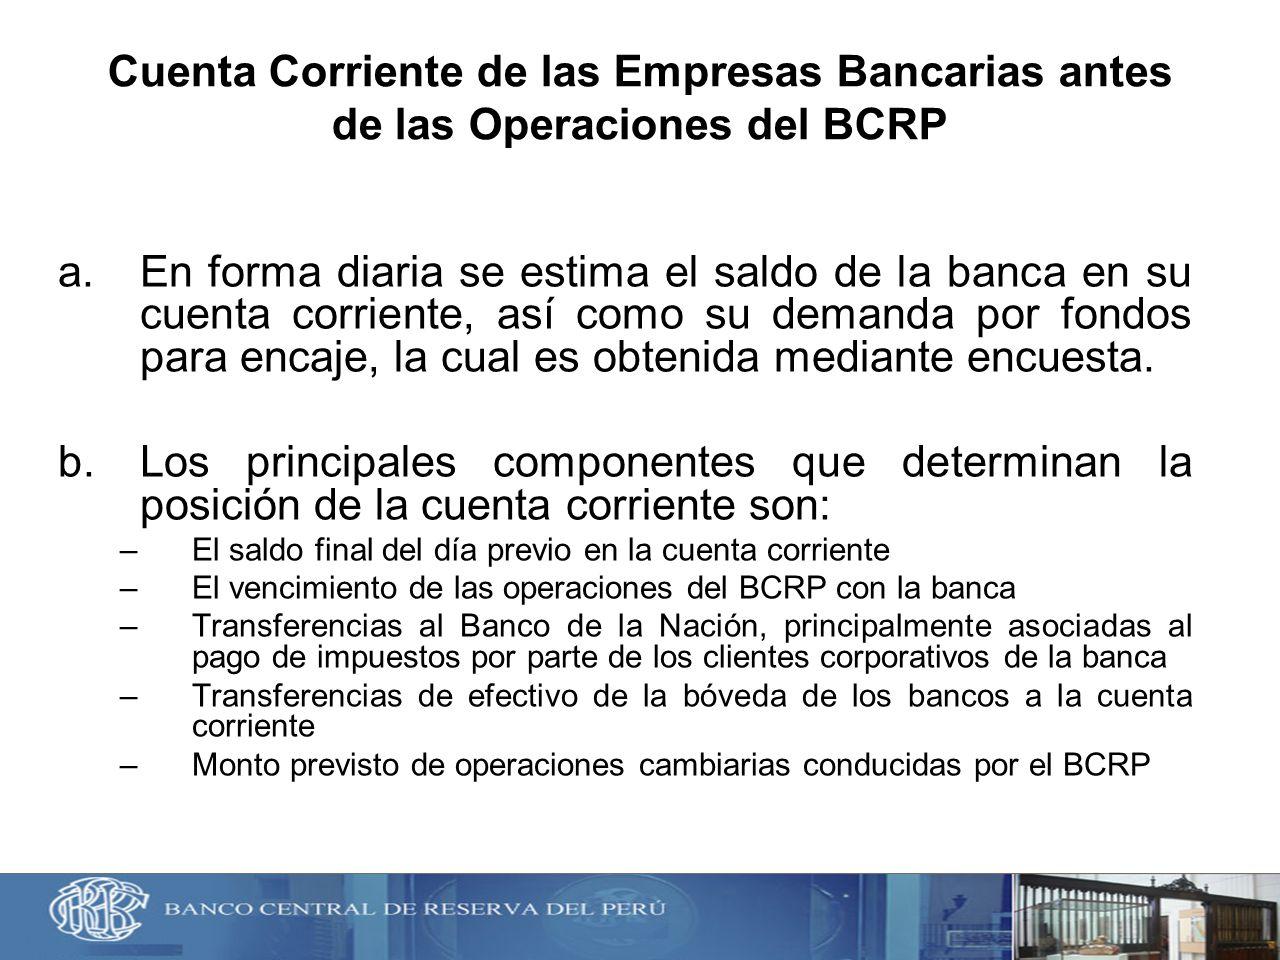 Cuenta Corriente de las Empresas Bancarias antes de las Operaciones del BCRP